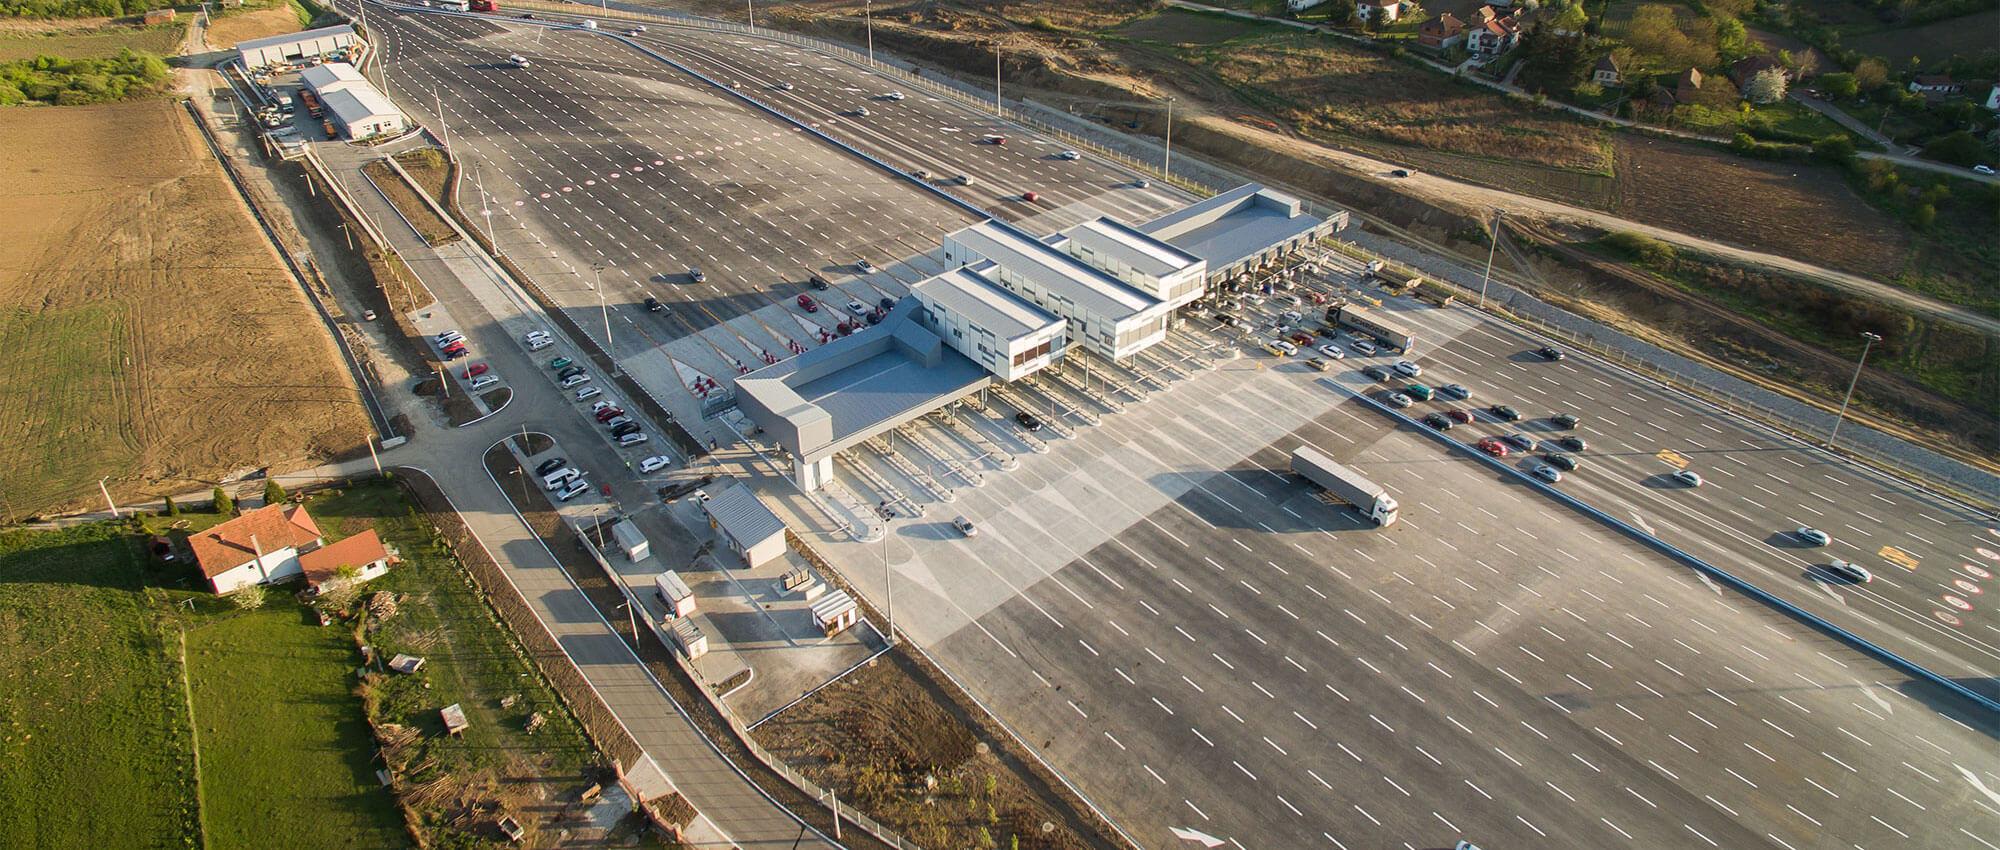 Kompleks čeone naplatne stanice na autoputu E-75, KO Vrčin, Grocka, Beograd - Projektovanje i nadzor